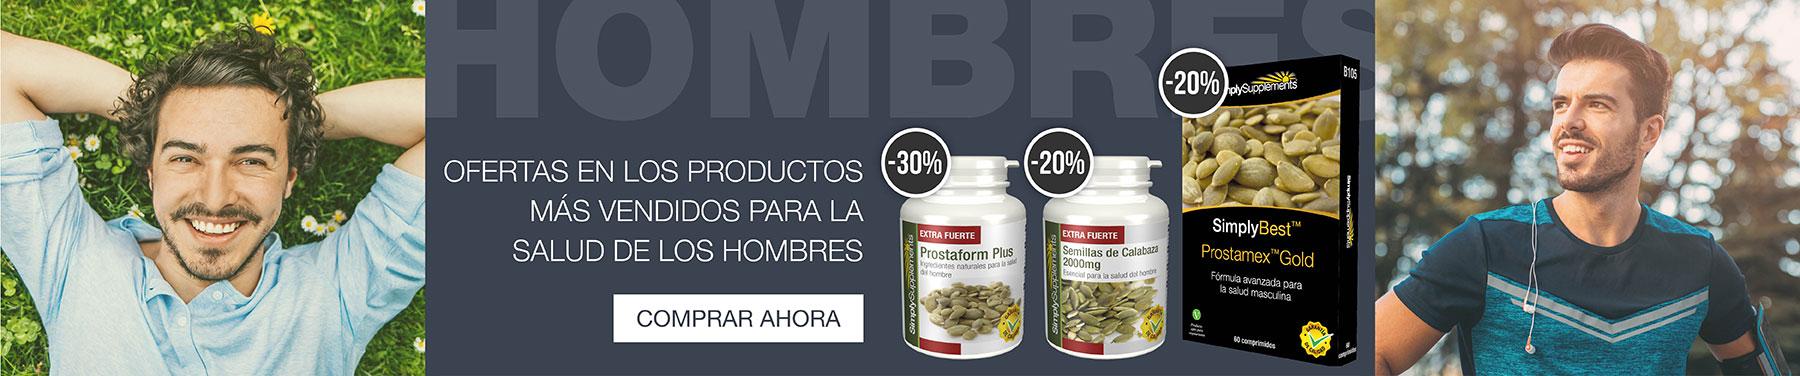 Ofertas en los productos más vendidos para la salud de los hombres.